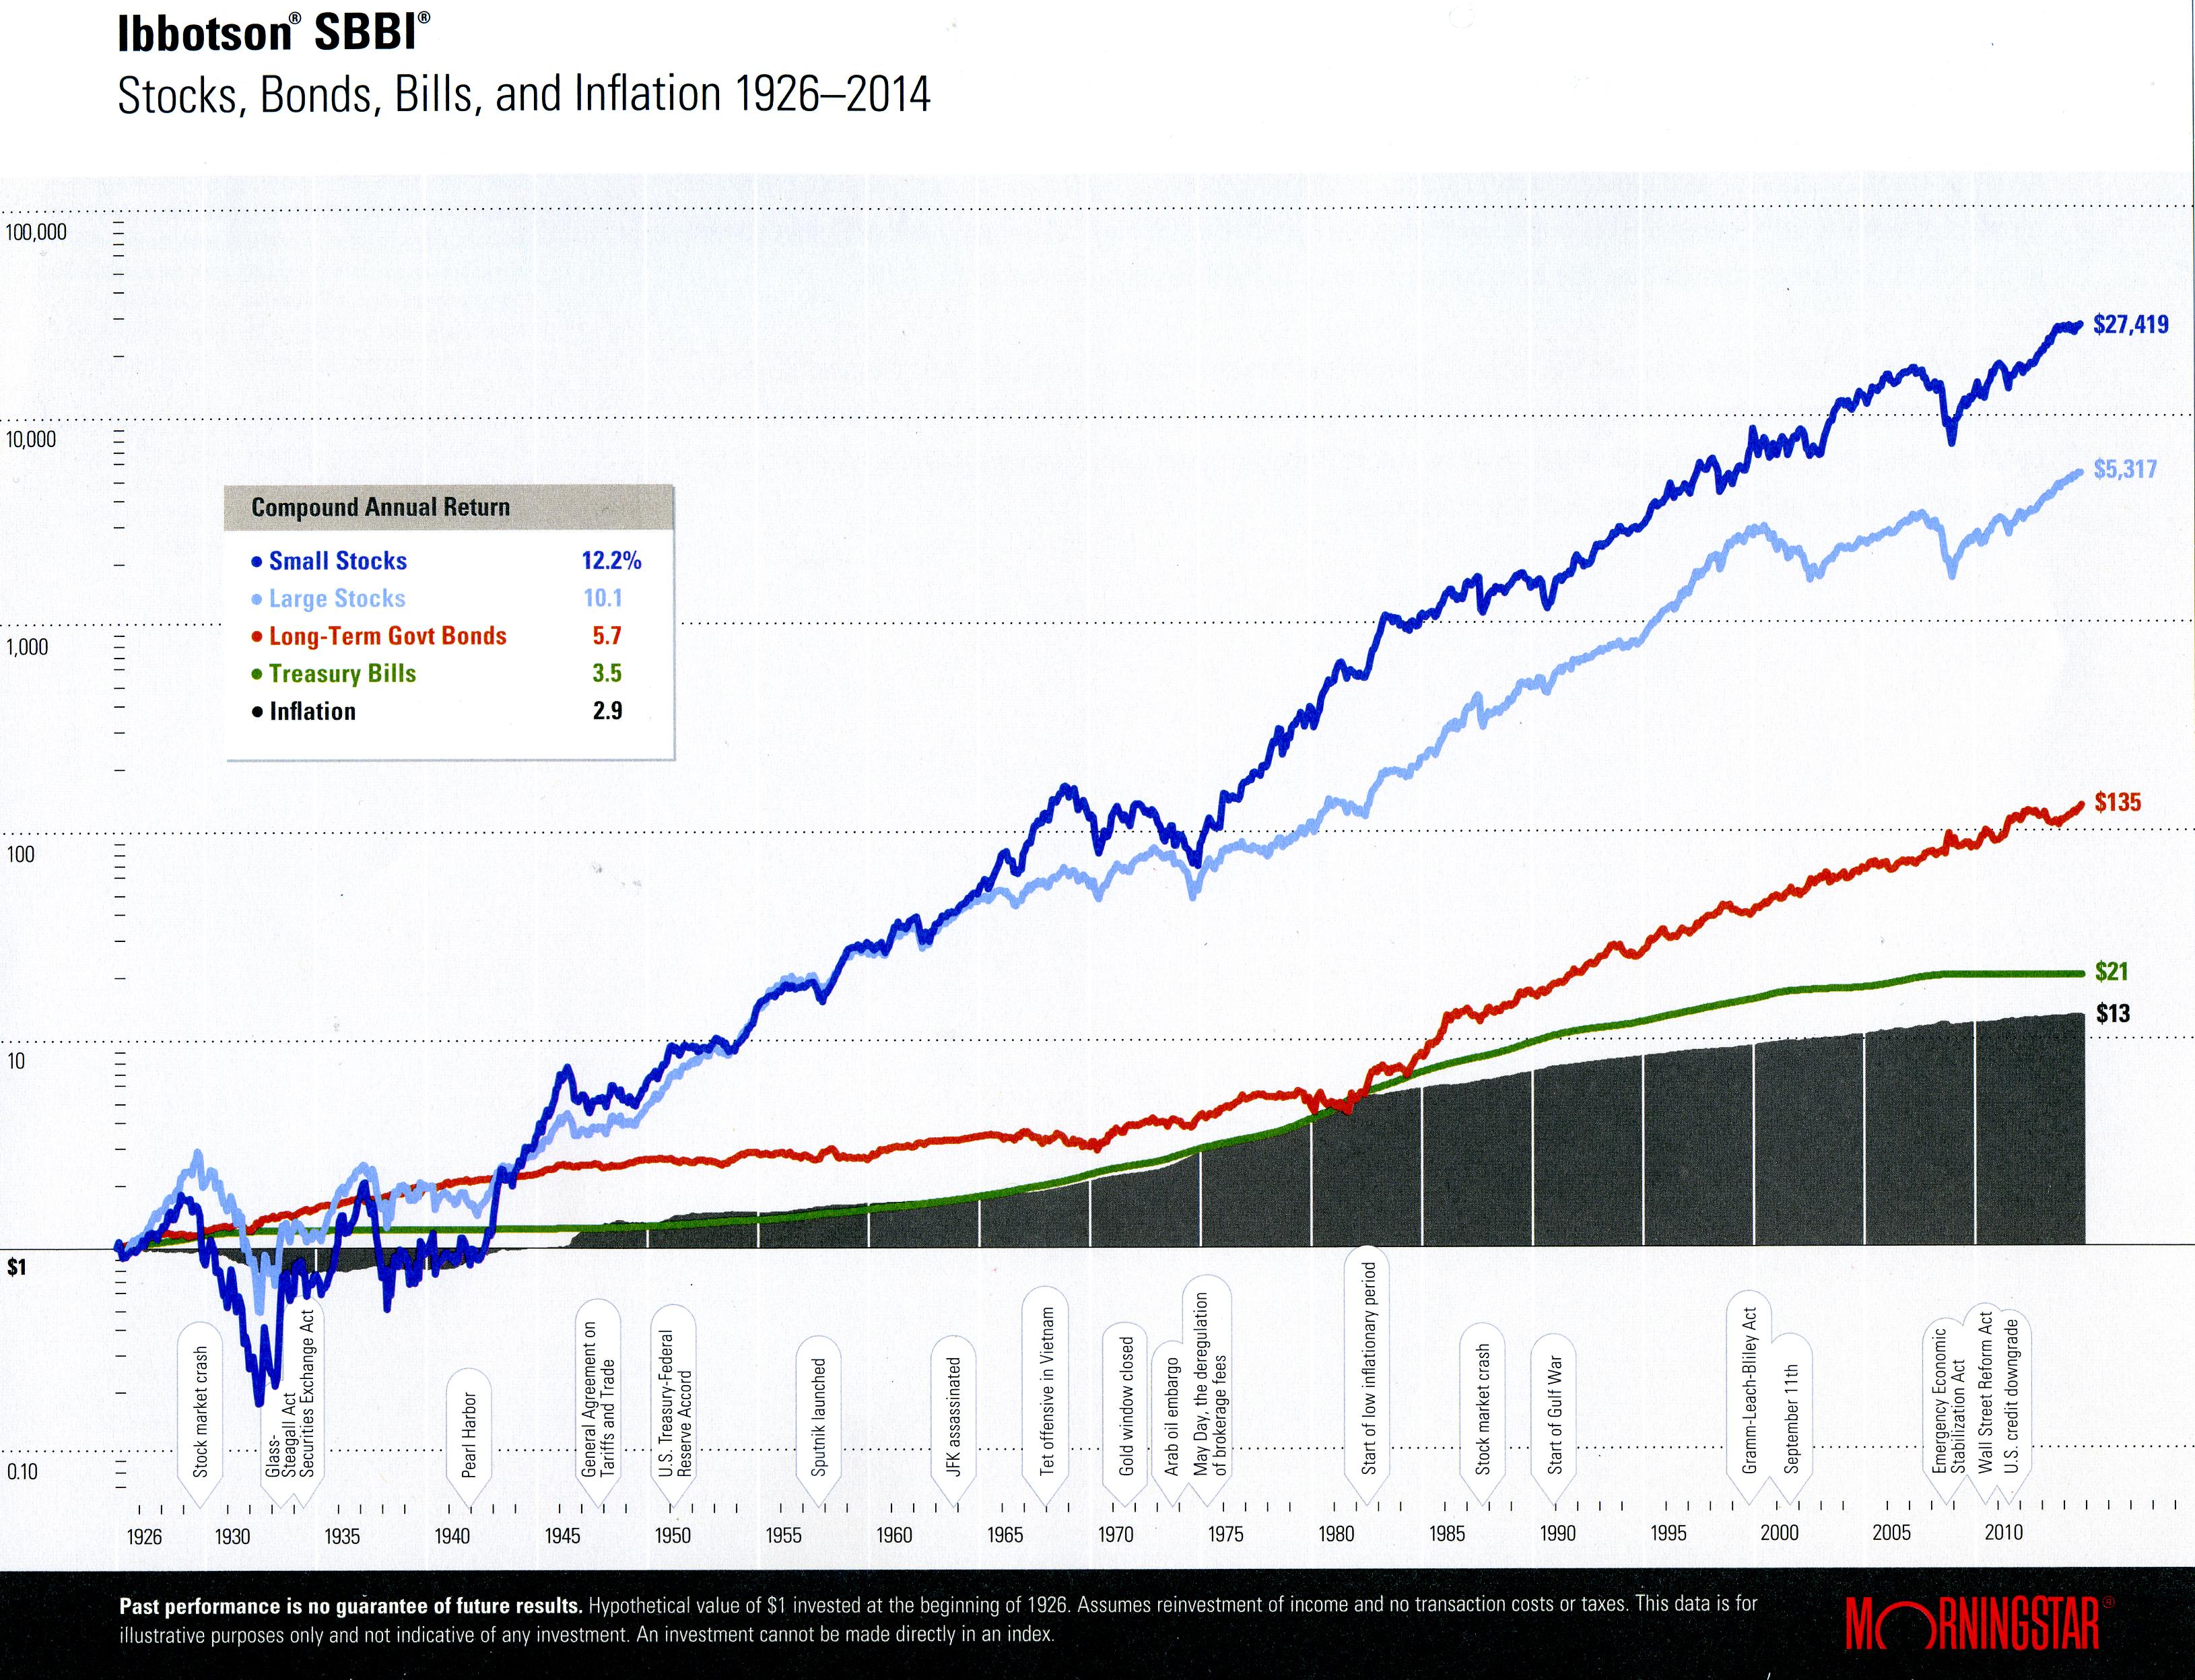 Infografik zur Entwicklung von Aktien, Anleihen und Inflation seit 1926